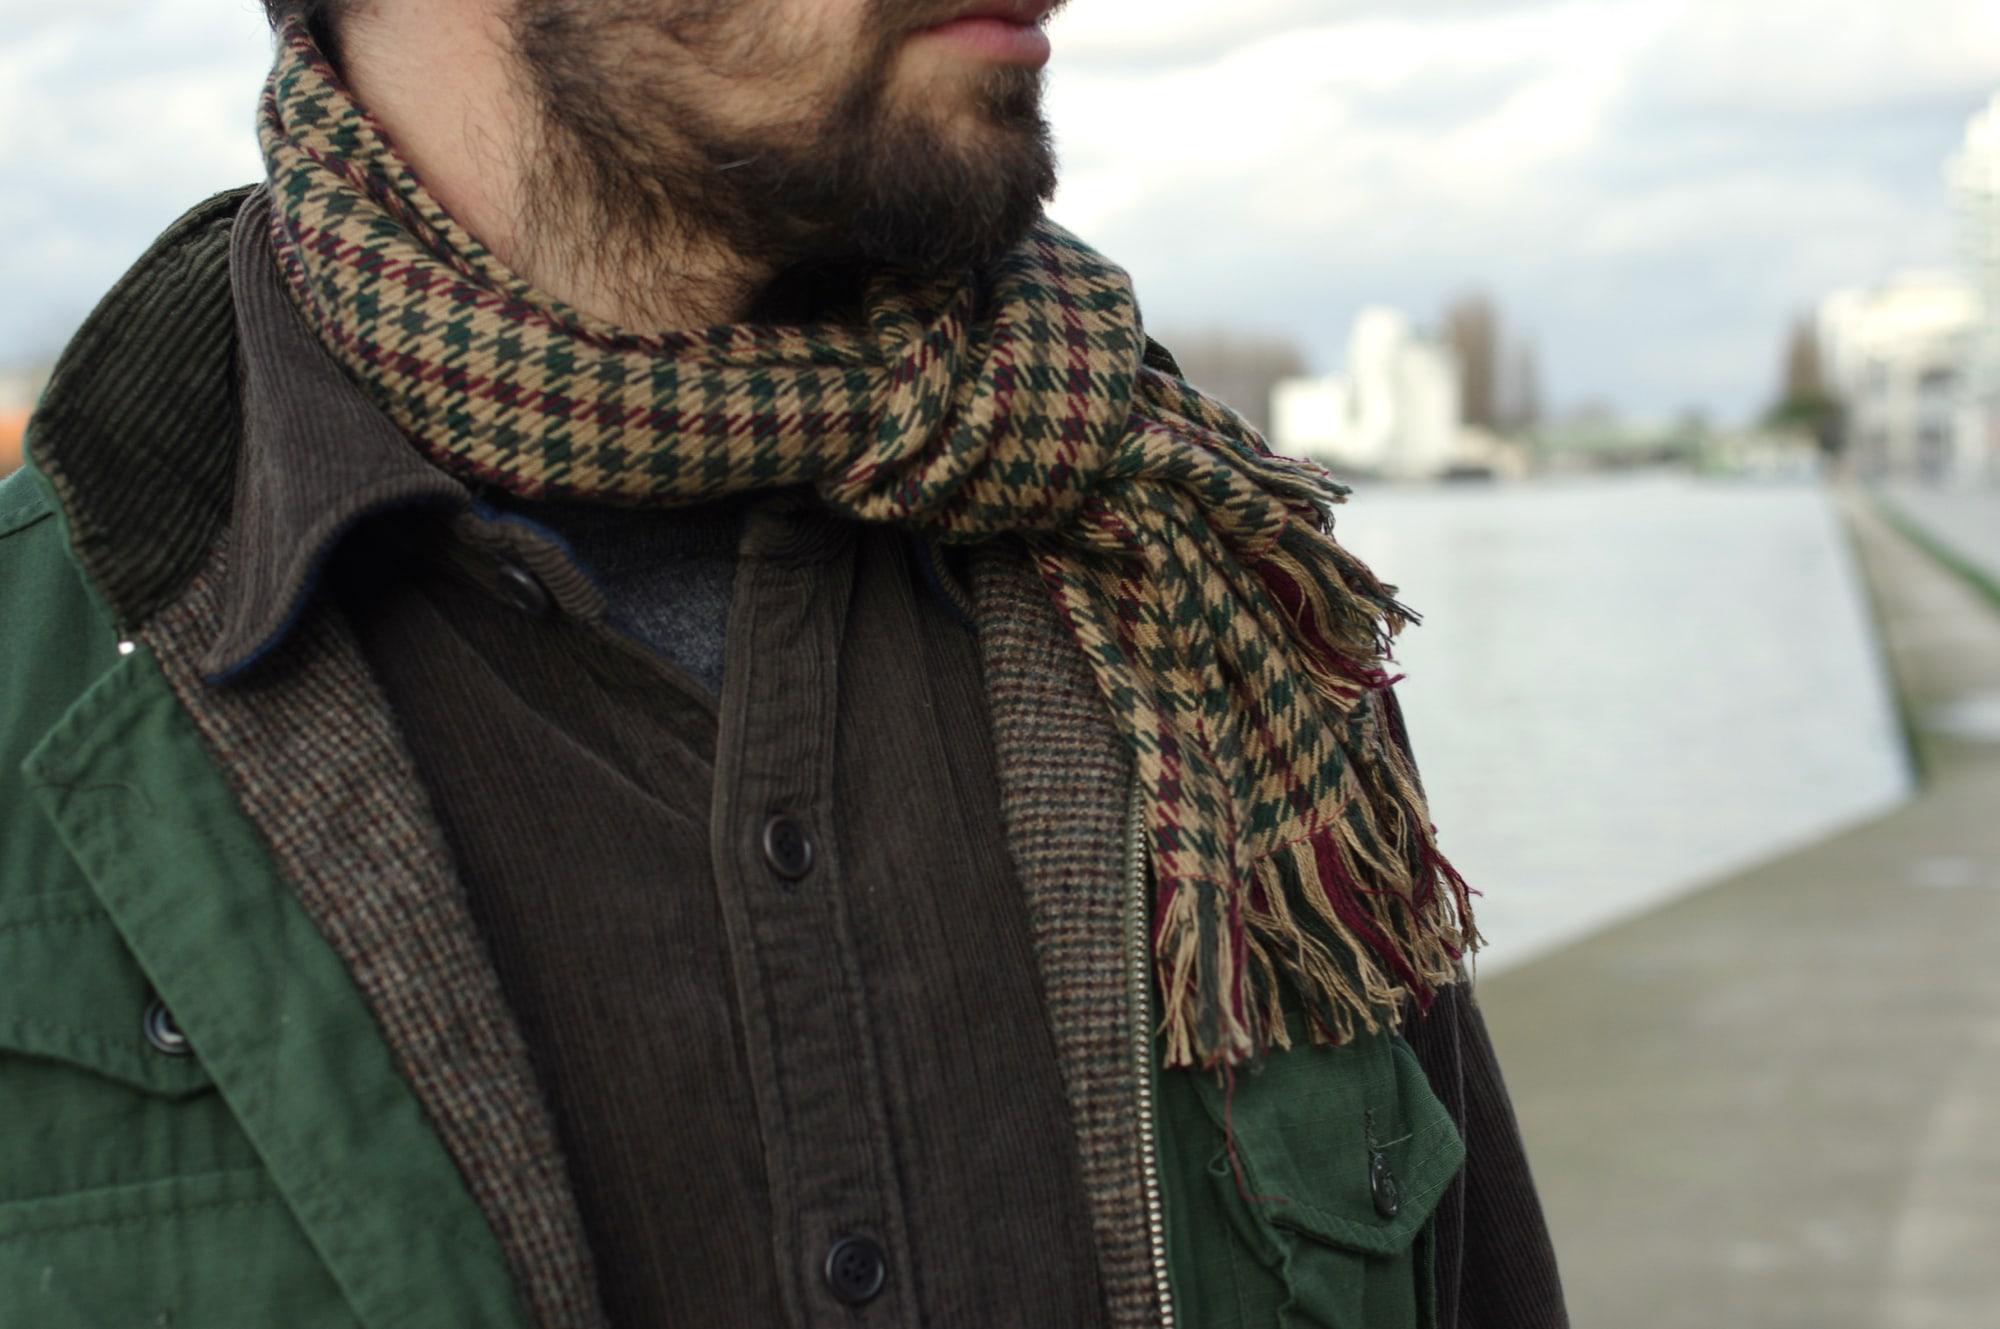 comment porter une echarpe pour homme motif vintage pied de poule dans un style homme masculin workwear